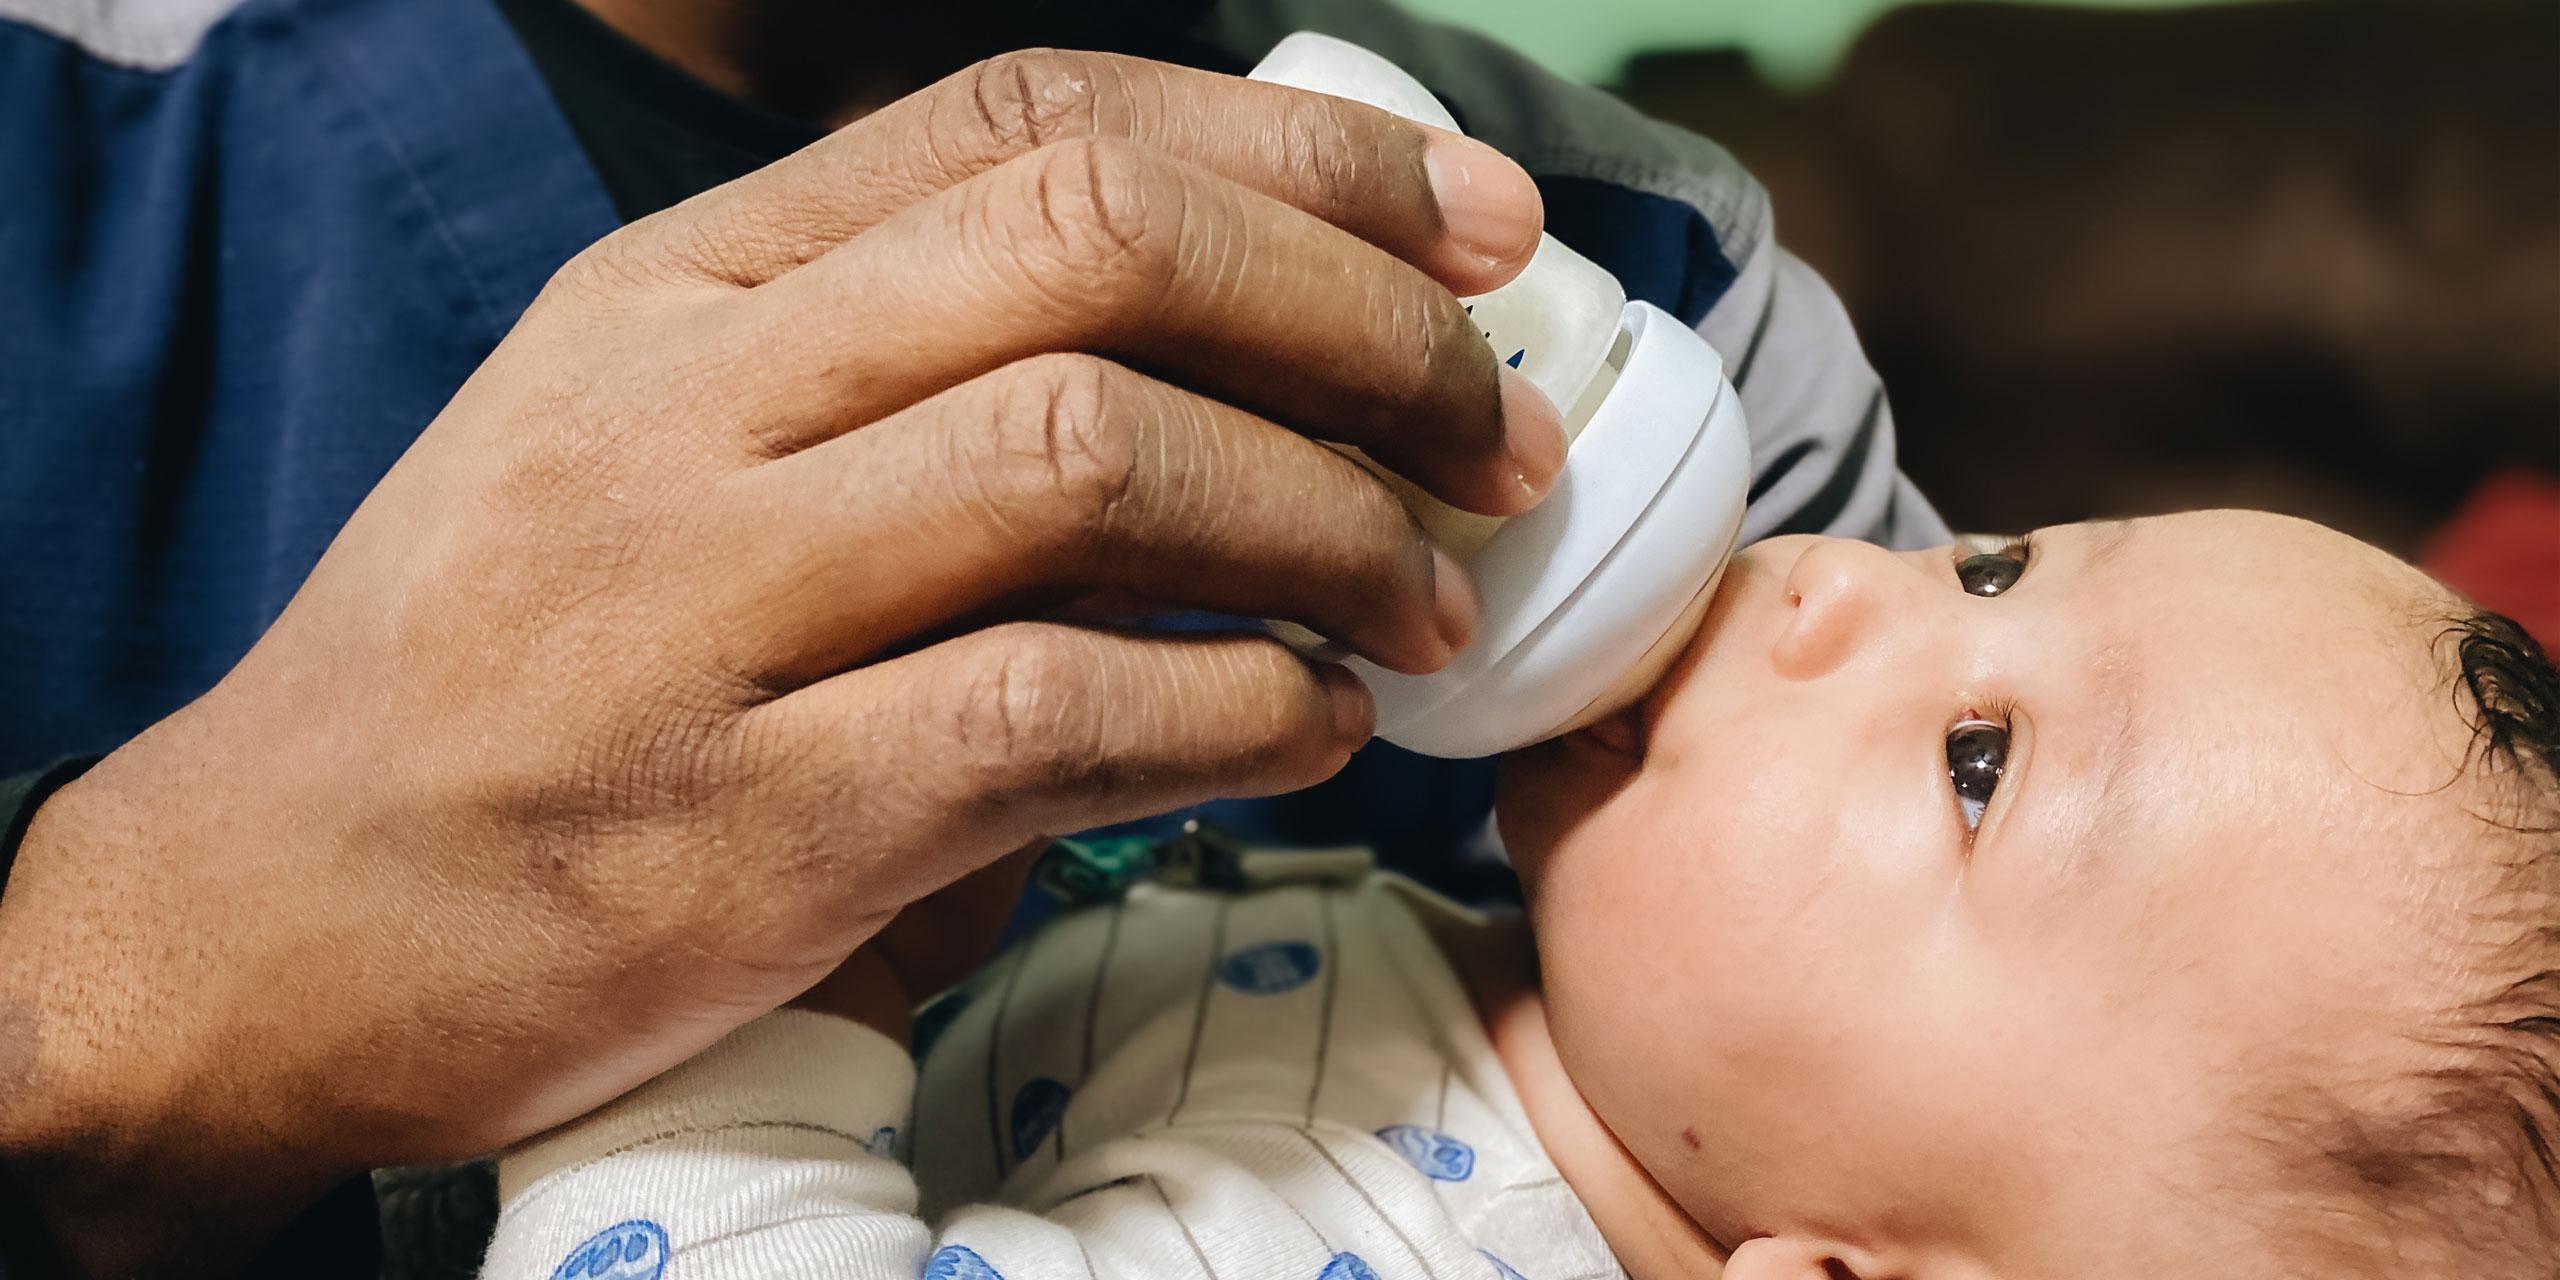 Baby drinking bottle; Courtesy of Twenty20